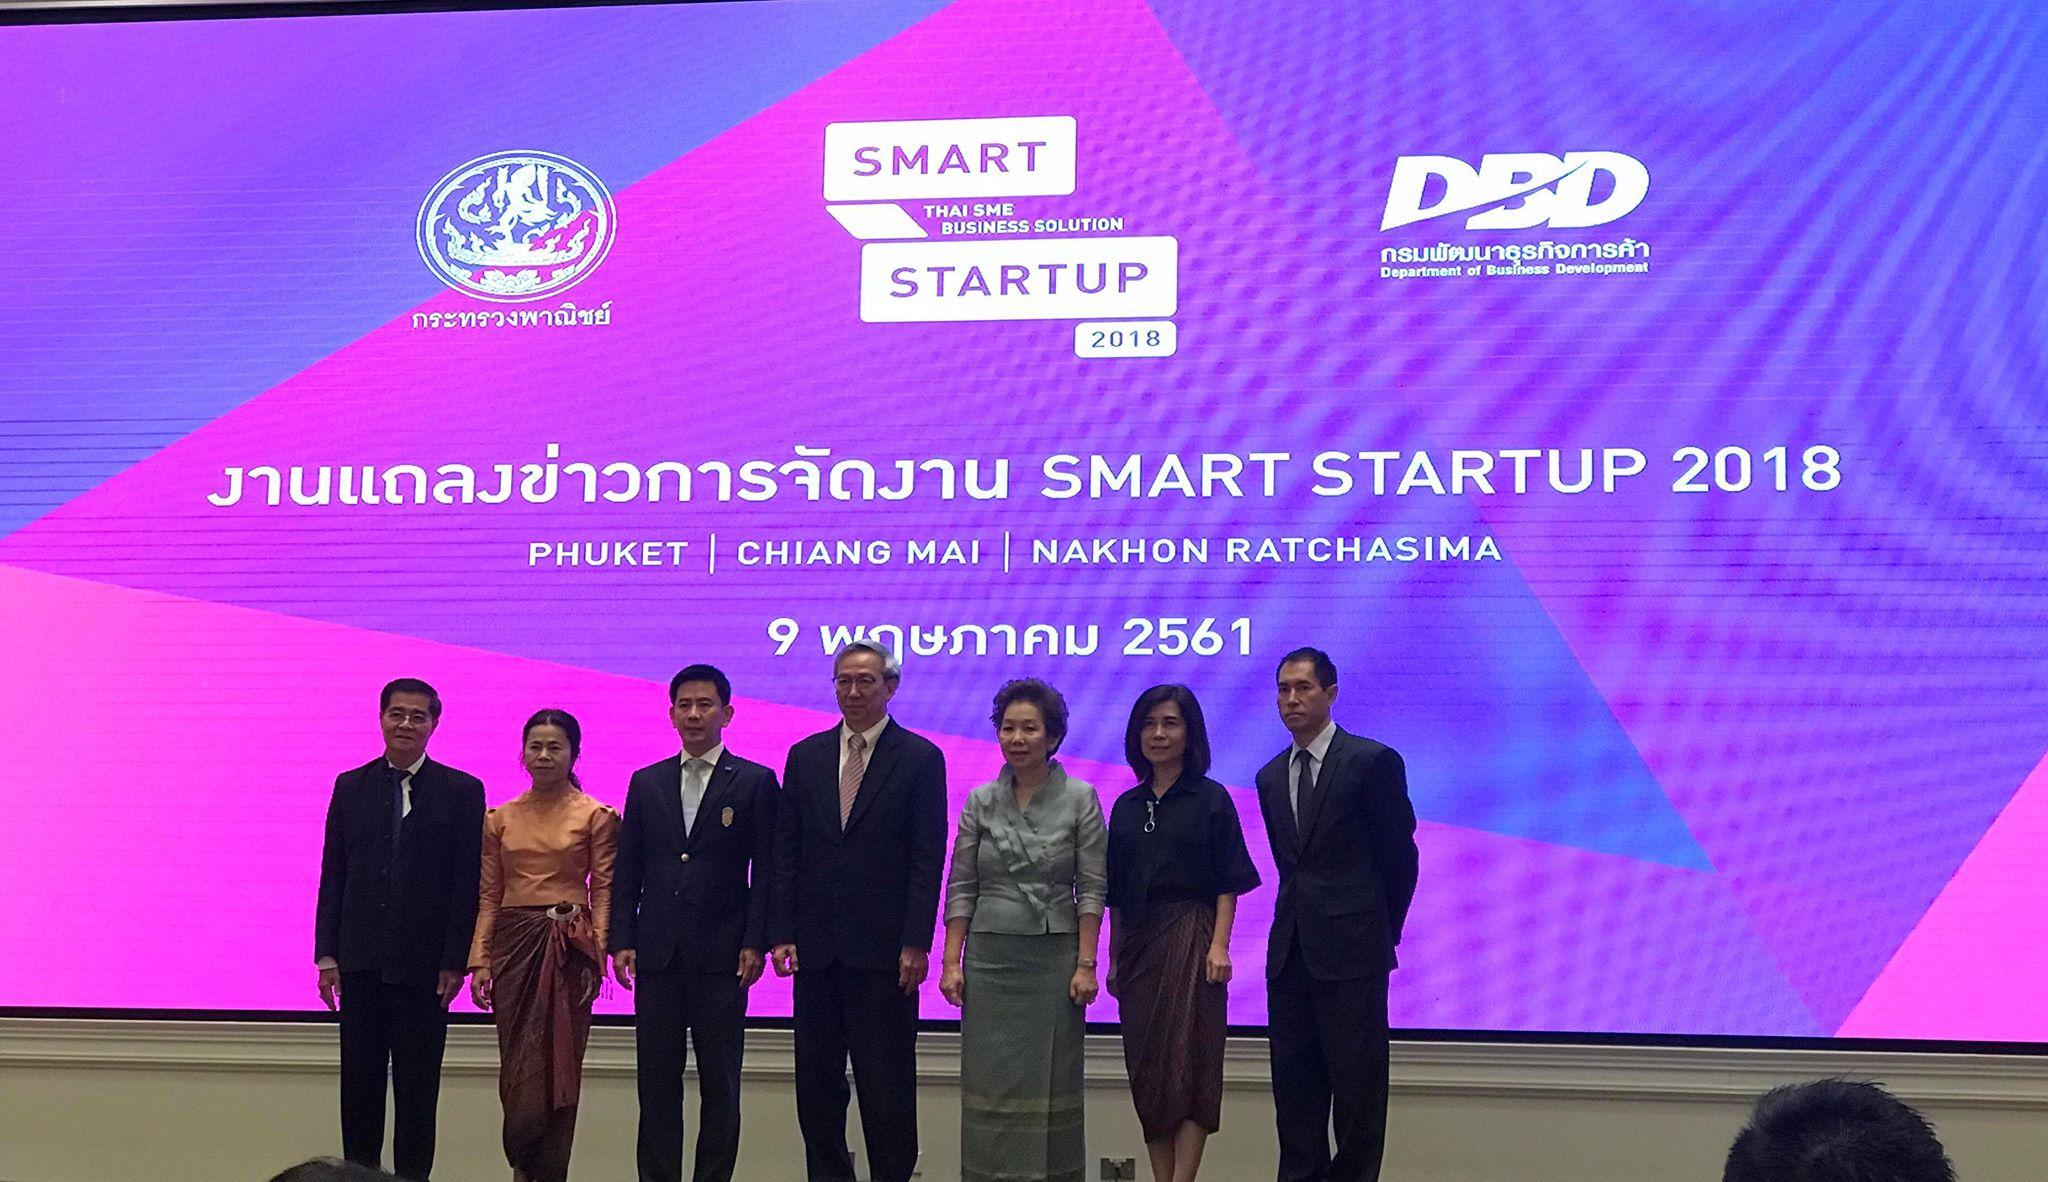 พาณิชย์ 'ปลุก' SME และ Startup โมดิฟายธุรกิจด้วยดิจิทัล ก้าวสู่ Smart Enterprises